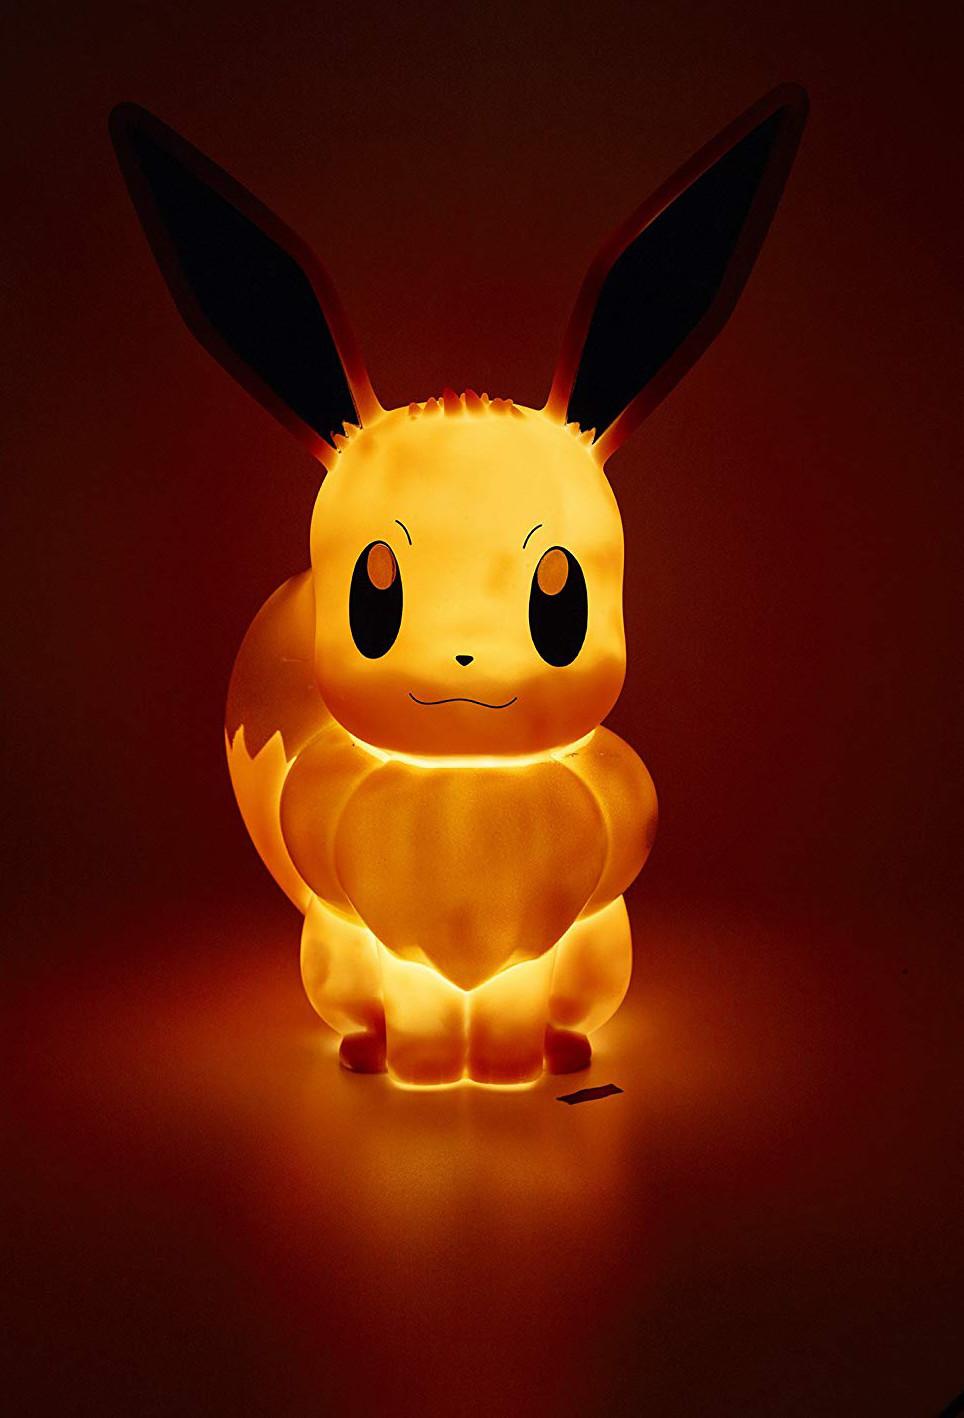 Lampe Pokémon Dowercbqxe Sans Fil Led Évoli v8ymnwON0P